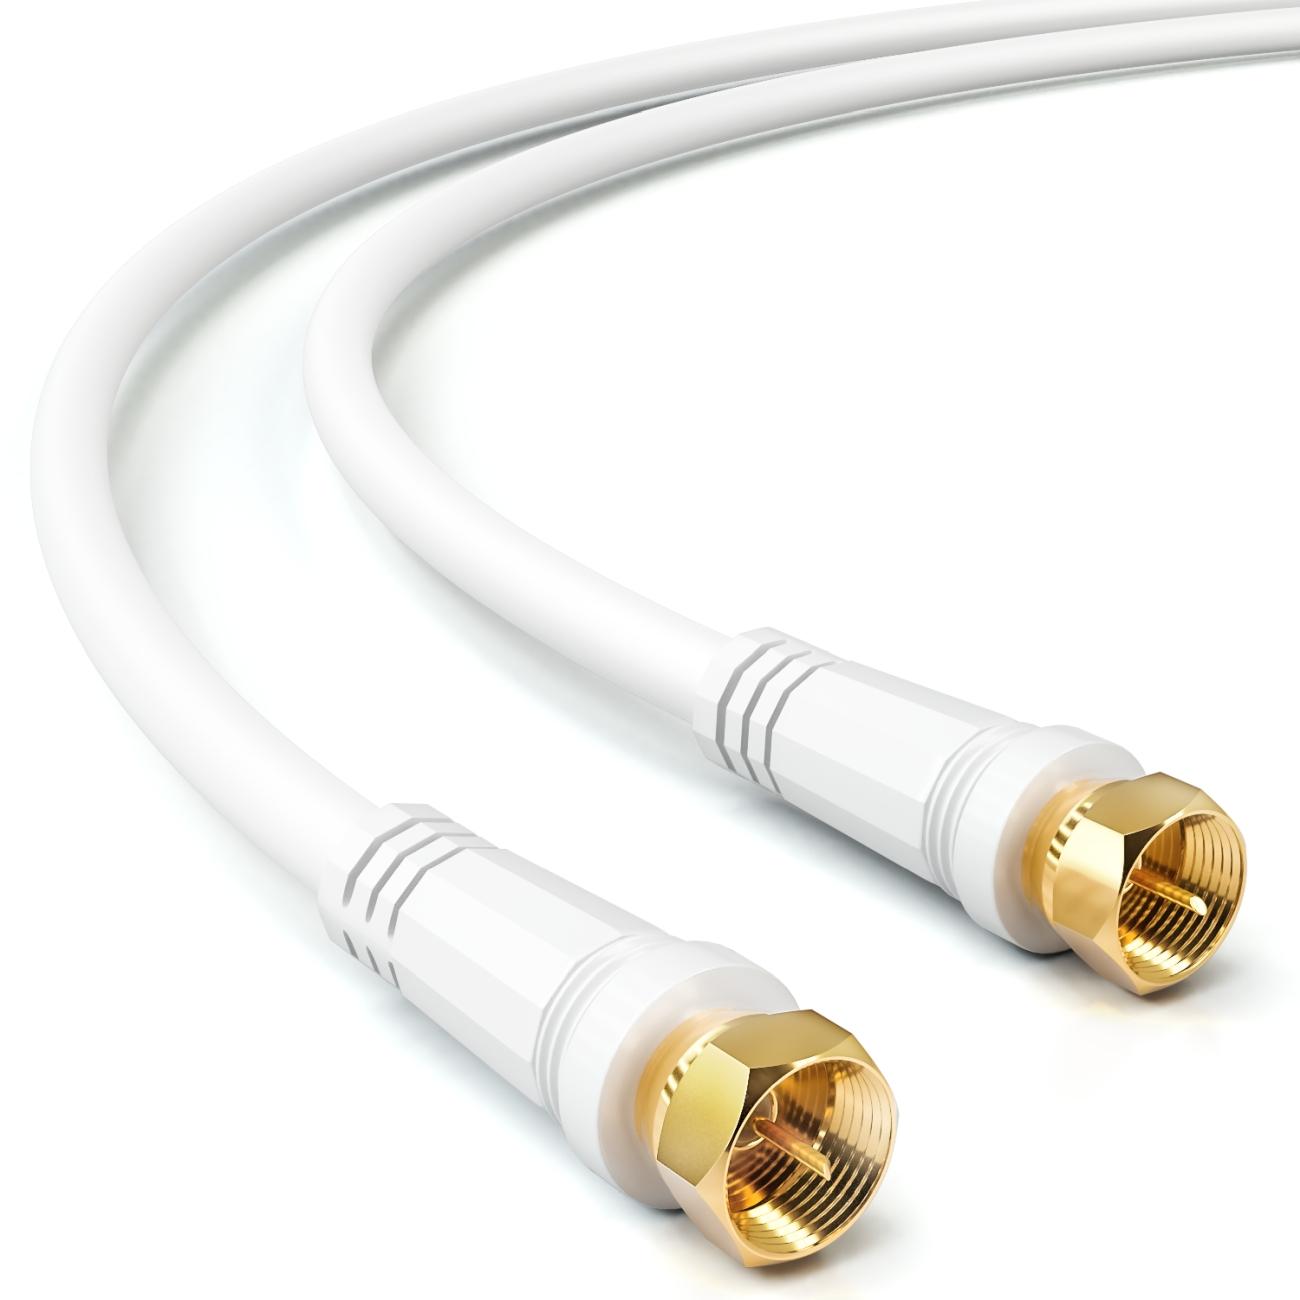 90m 135dB 5-fach Sat-Koaxial Kabel Antennen Kabel Full HDTV 3D 4K Sky HD+